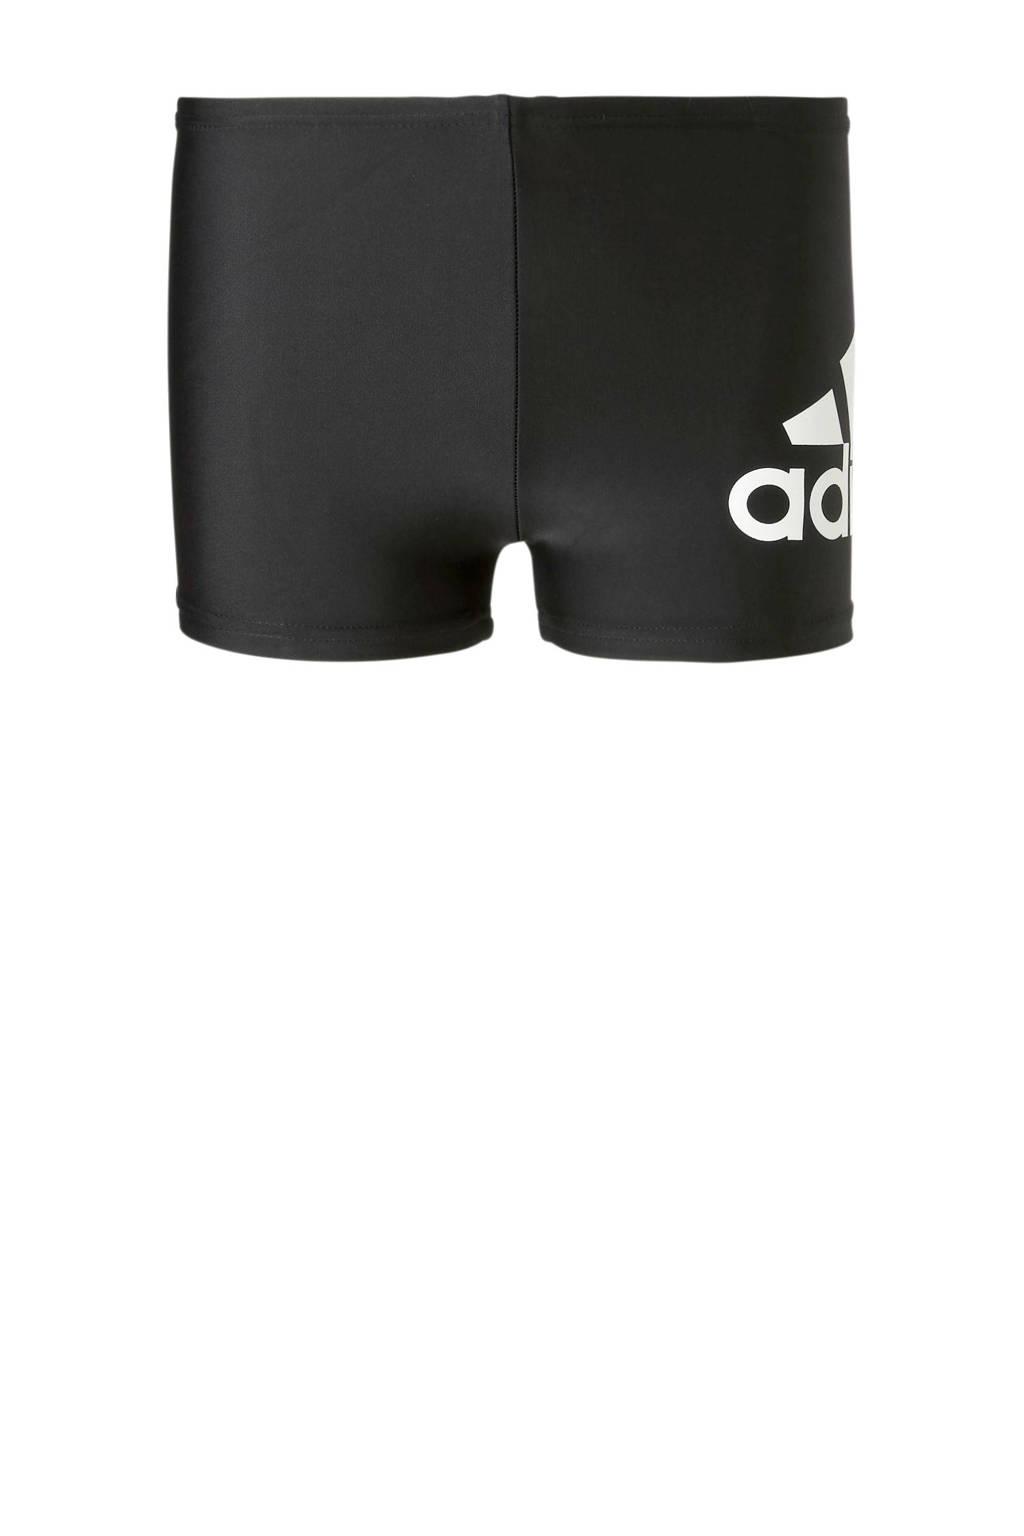 adidas Performance zwemboxer met merknaam zwart, Zwart/wit